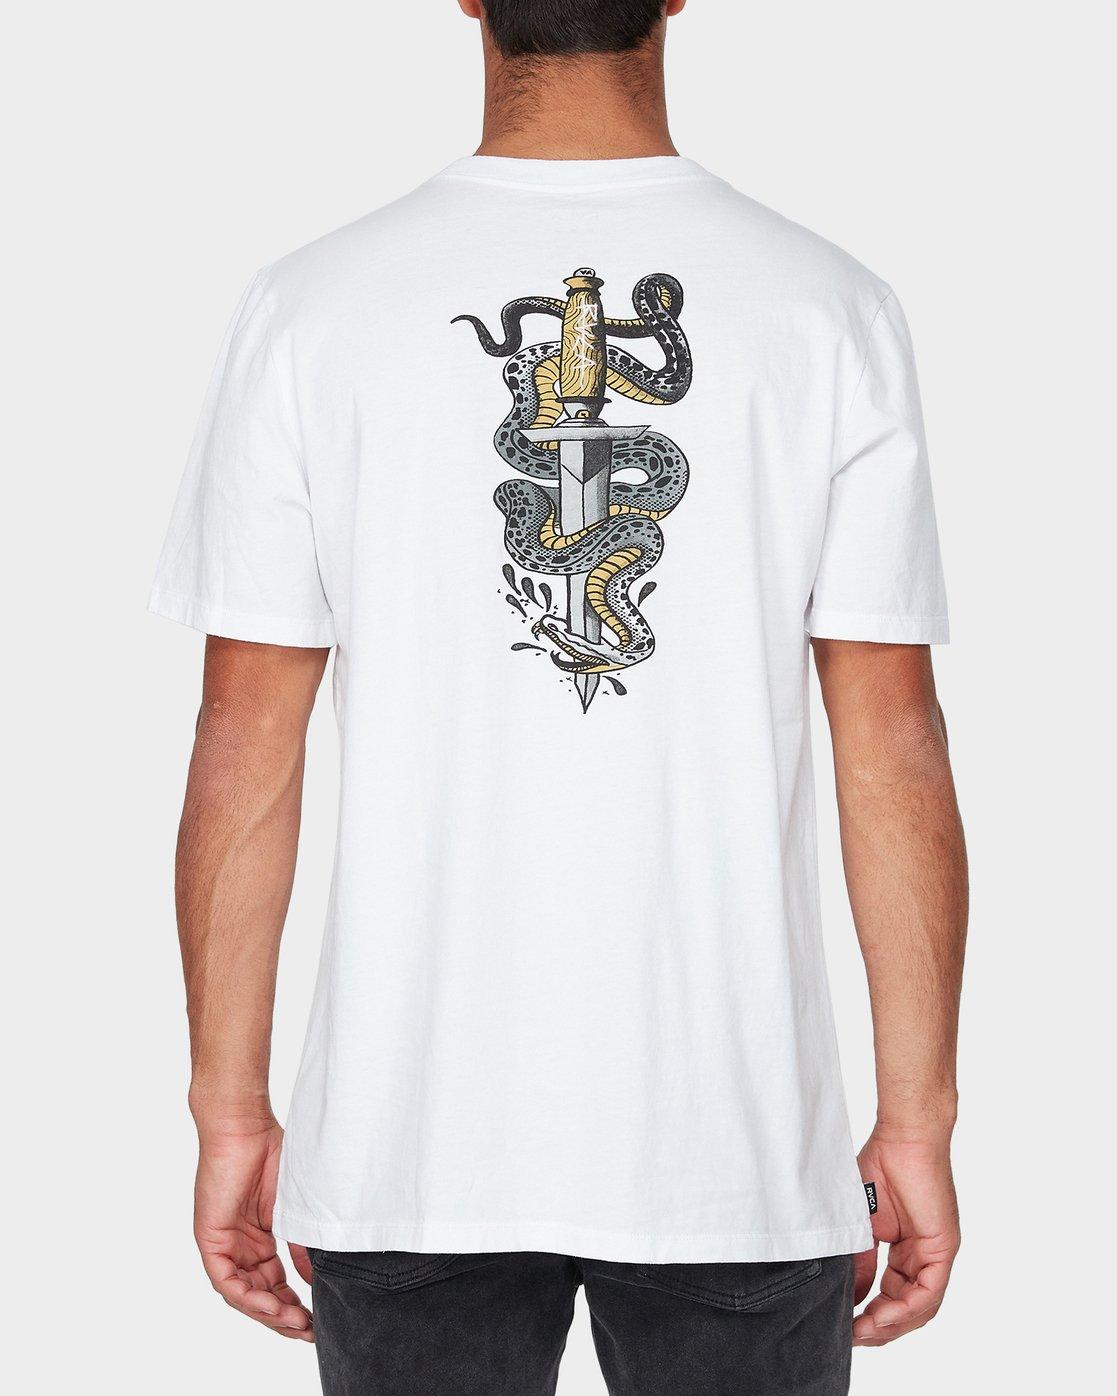 2 Snakes & Daggers Short Sleeve T-Shirt  R193047 RVCA